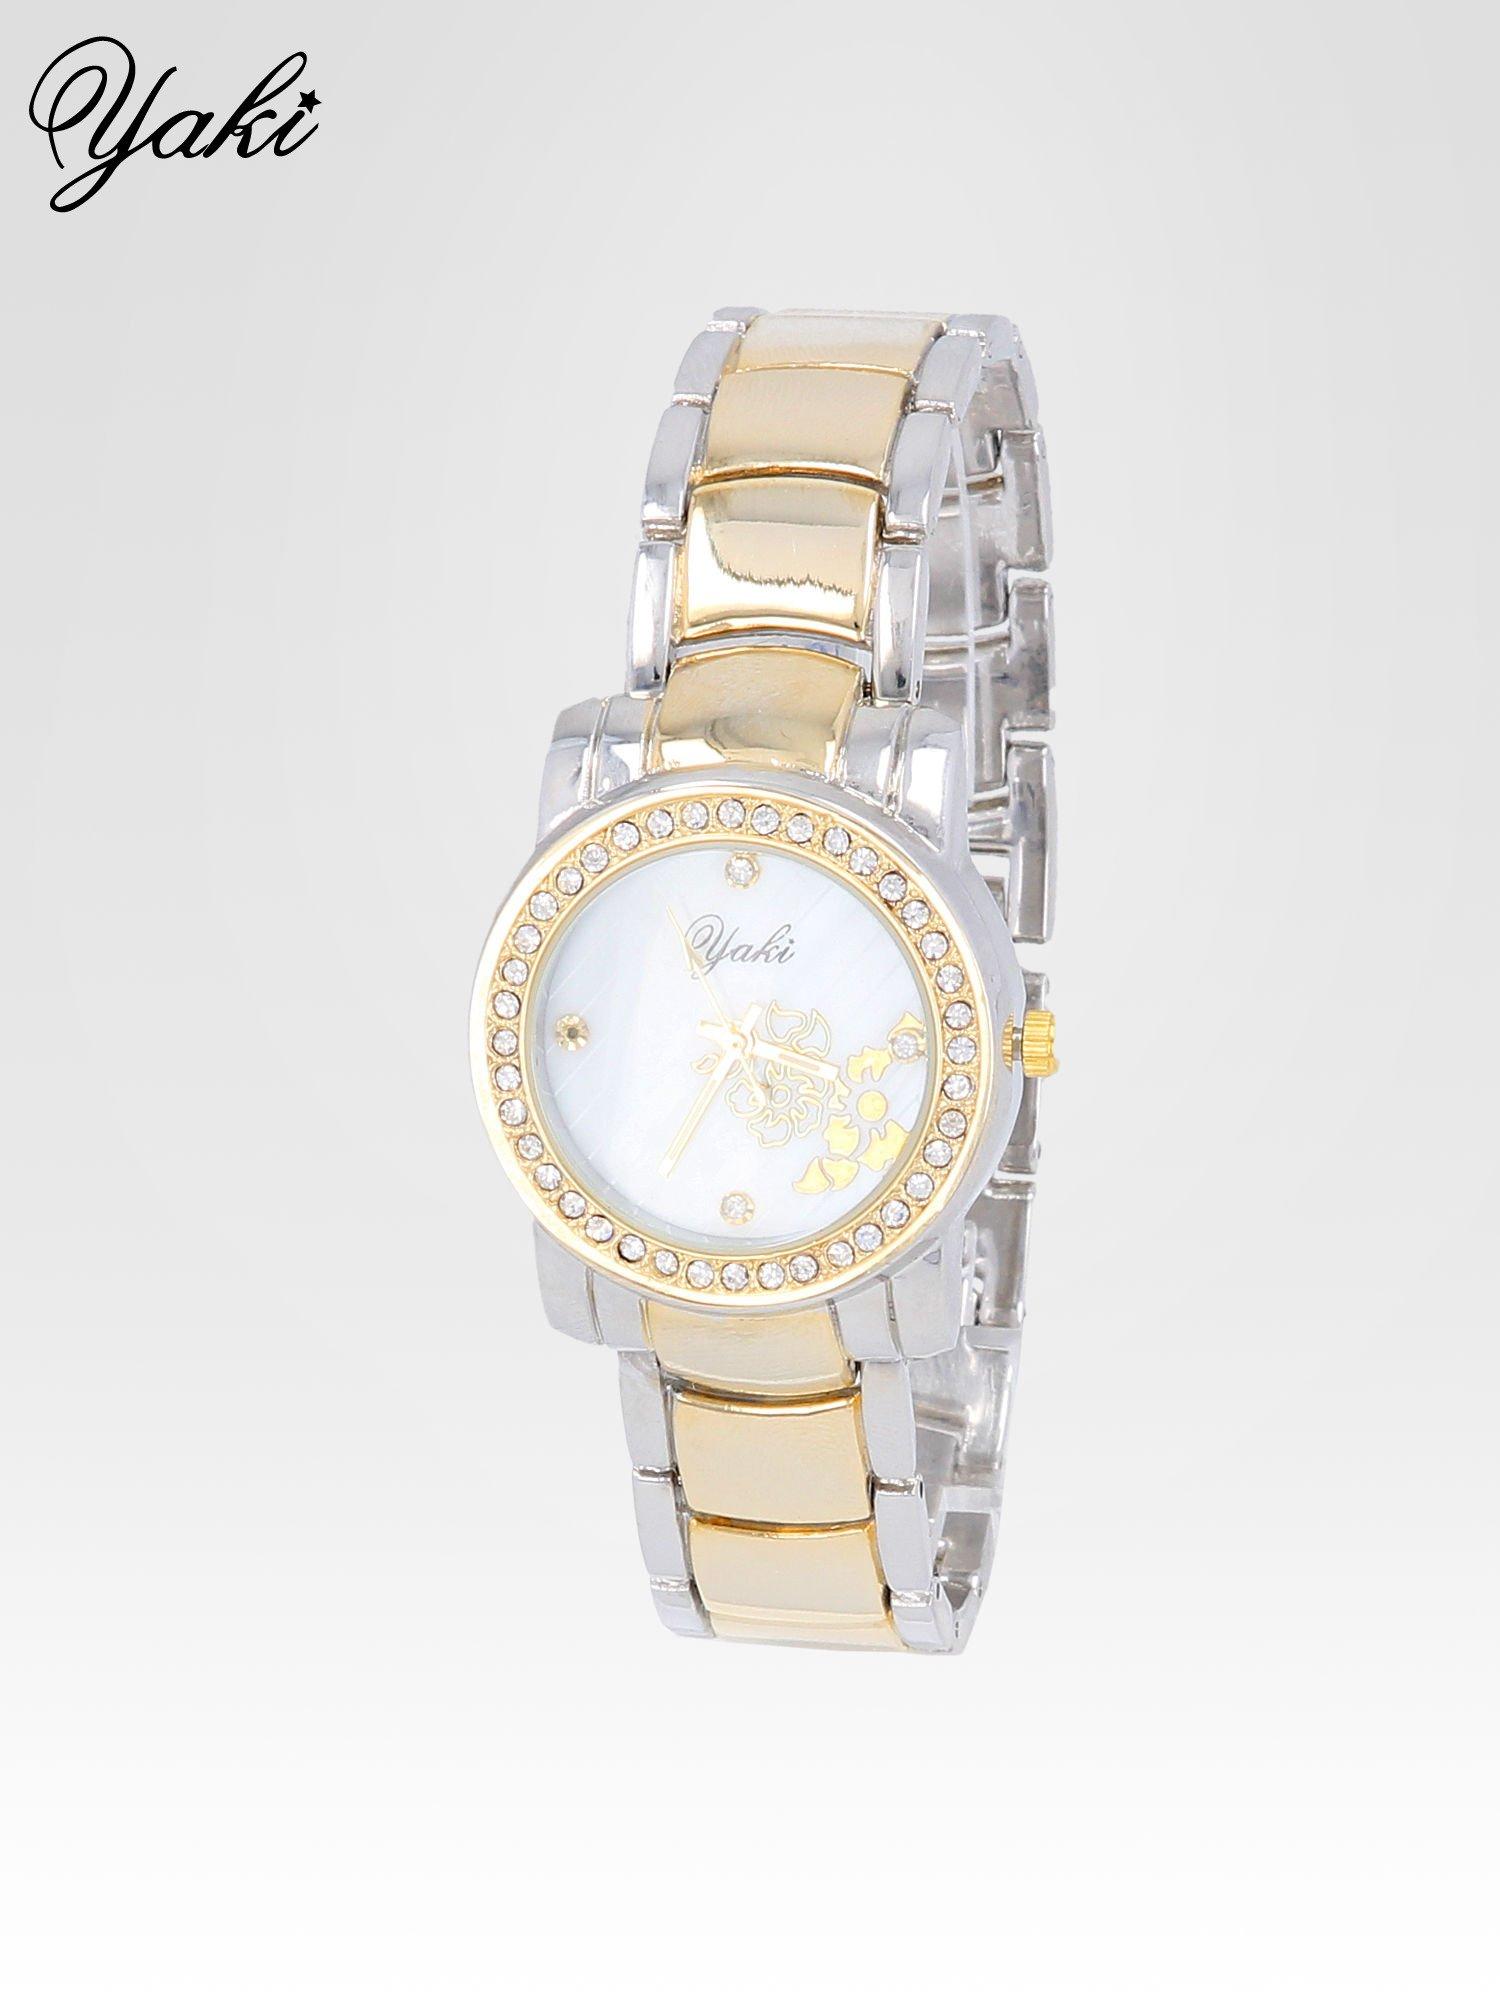 Złoty zegarek damski z grawerem kwiatów                                  zdj.                                  2